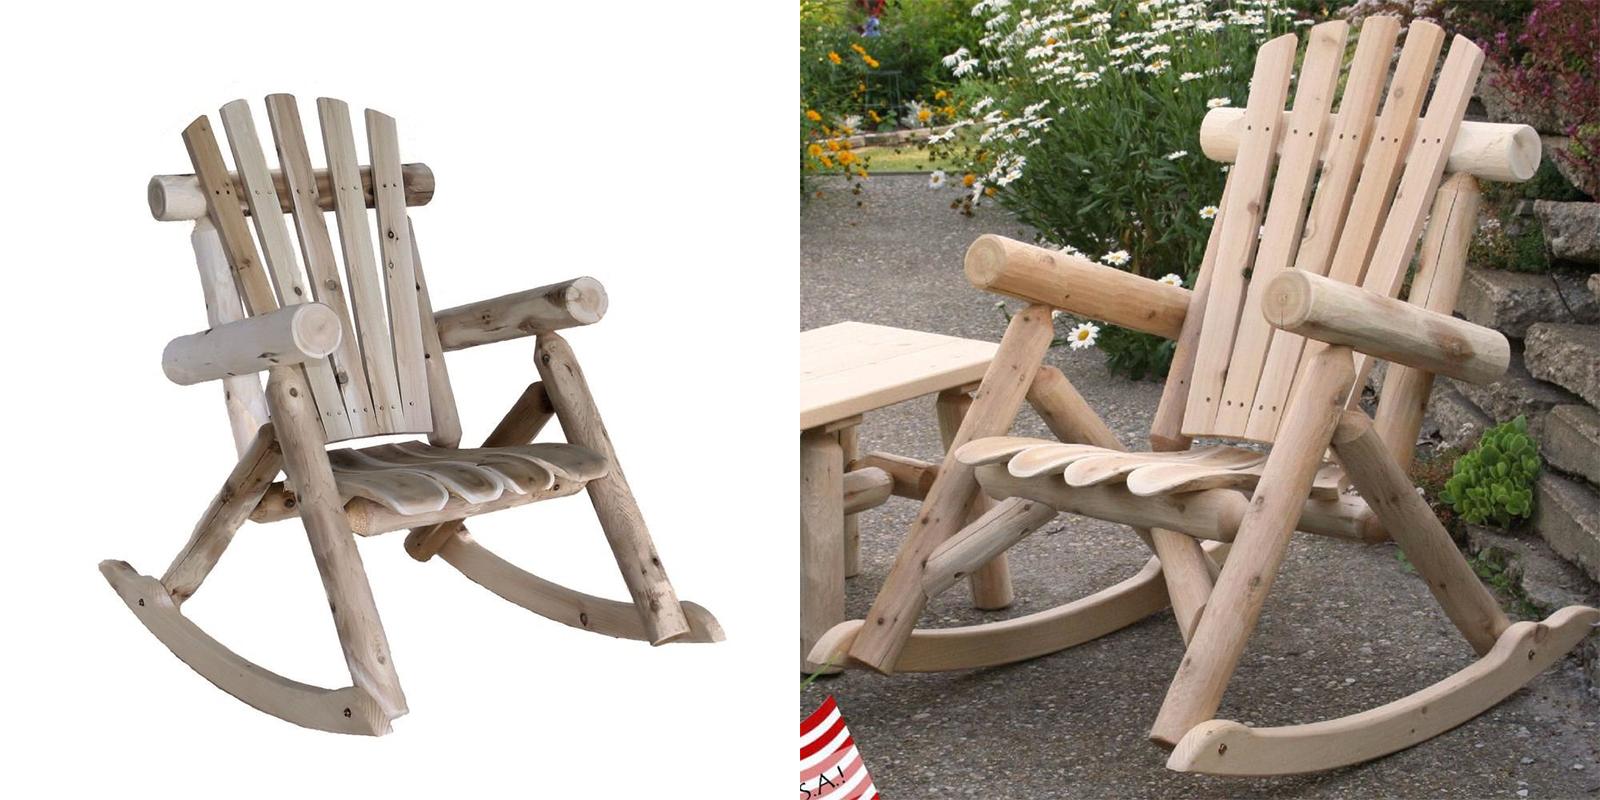 Patio Chair - Cedar Rocking Chair